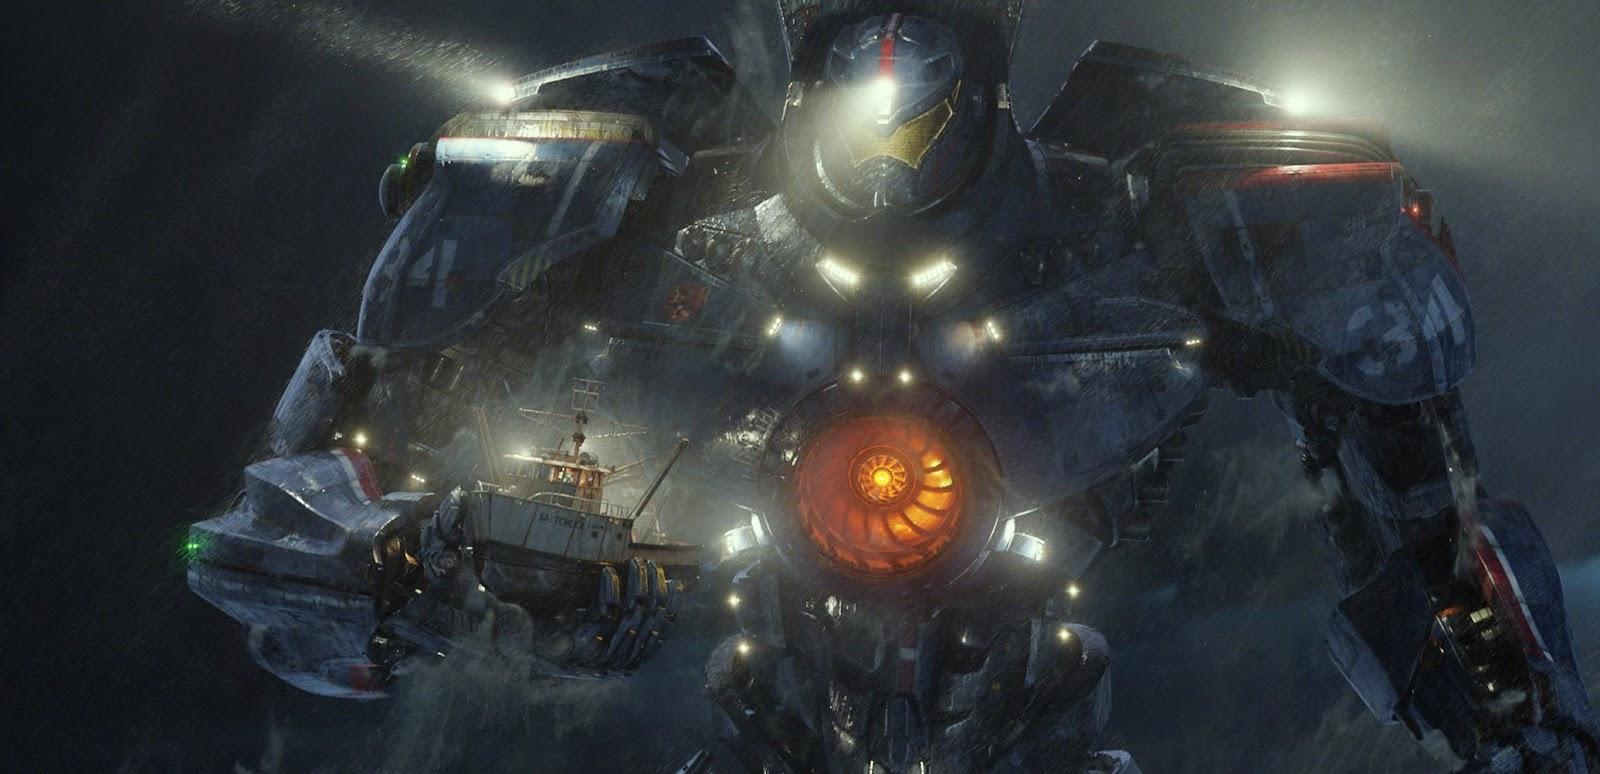 Guillermo del Toro diz que Círculo de Fogo 2 será muito diferente do primeiro filme